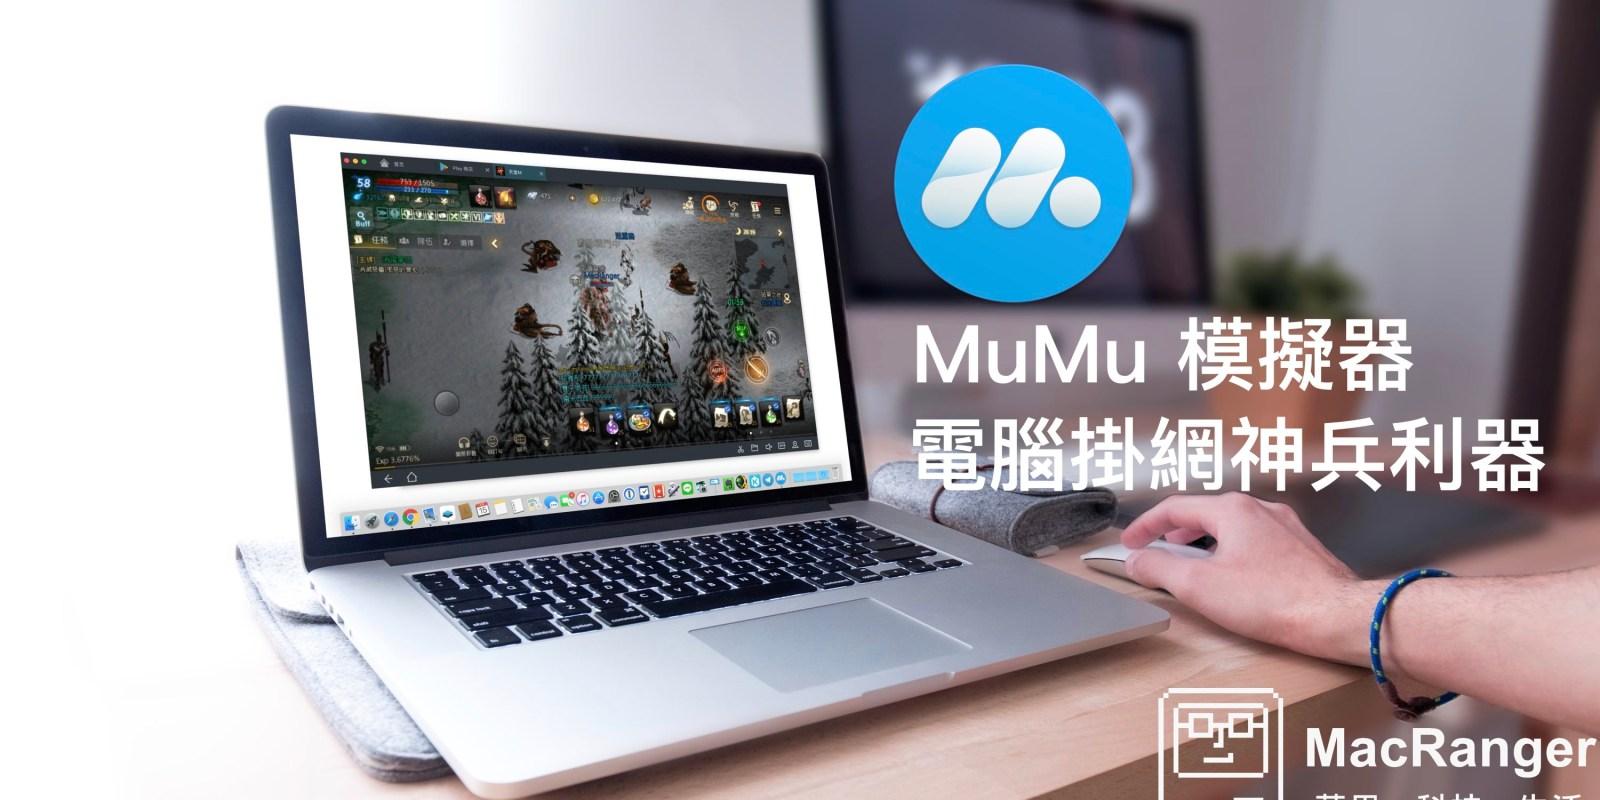 MuMu 模擬器 天堂m 最推薦的掛網程式, 安裝以及設置教學